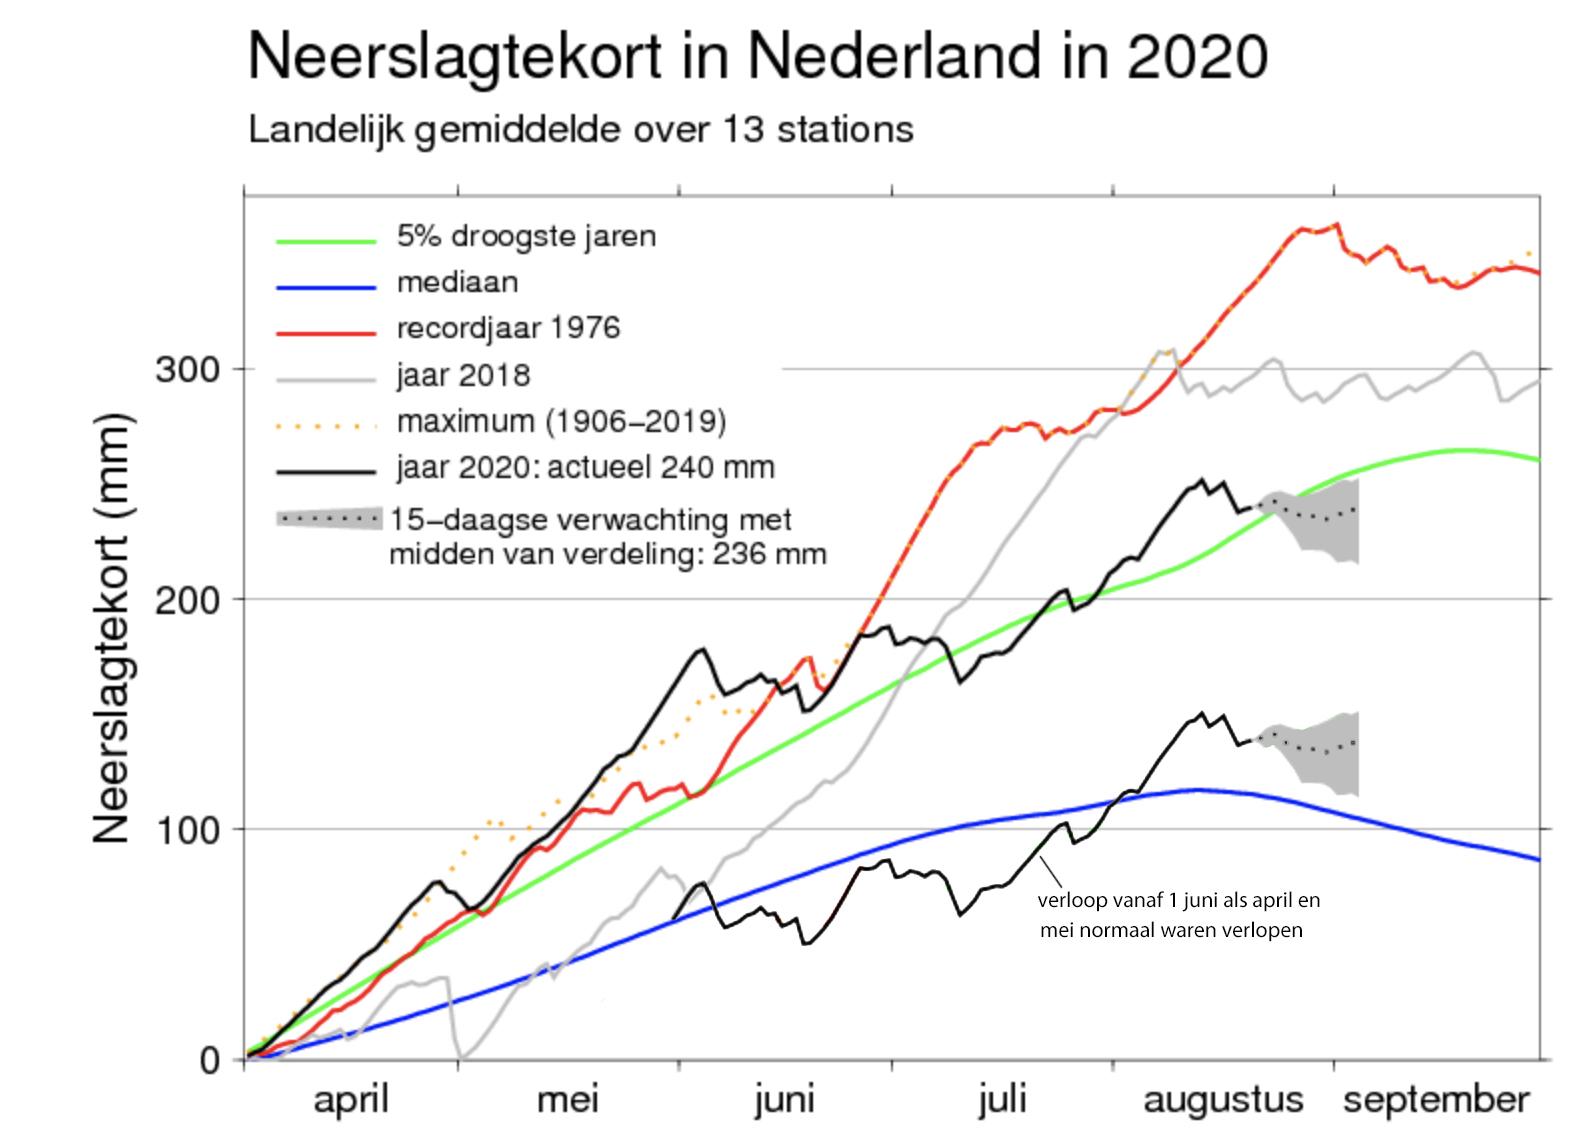 Verloop neerslagtekort zomerhalfjaar 2020. In deze grafiek van het KNMI is een extra lijn afgebeeld die het verloop vanaf 1 juni aangeeft, in de situatie als april en mei ongeveer normaal waren verlopen (bron KNMI, met bewerking)